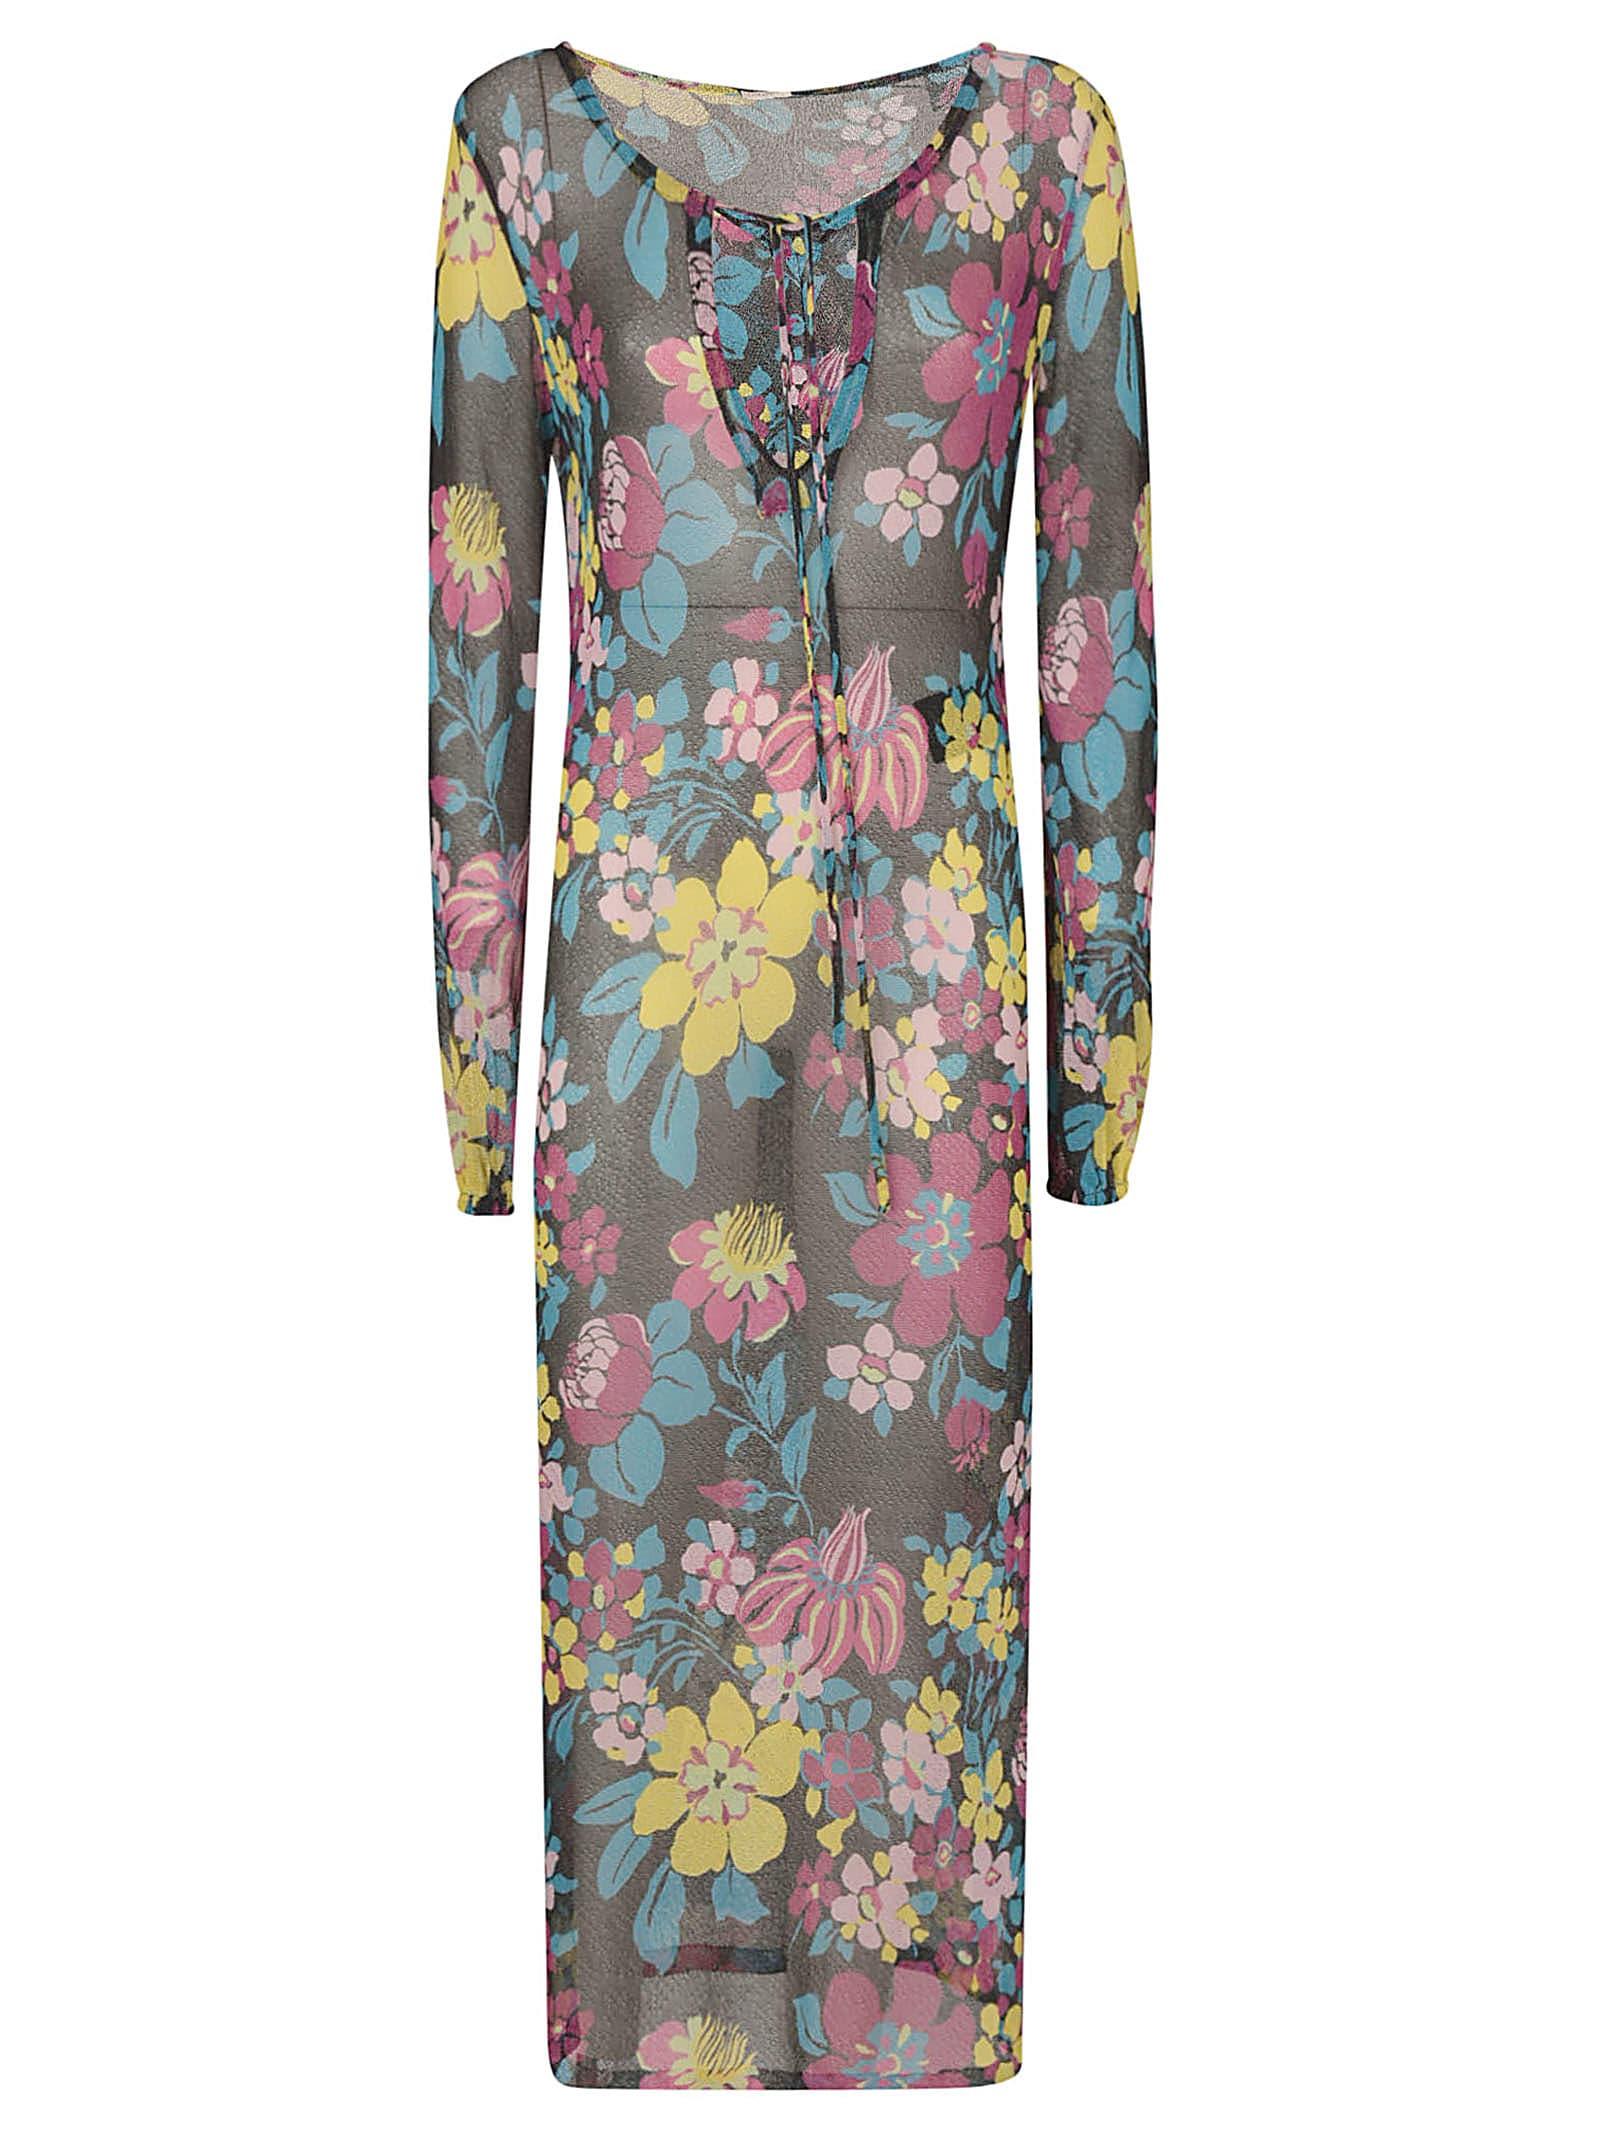 Buy Saint Laurent Floral Print Lace Dress online, shop Saint Laurent with free shipping